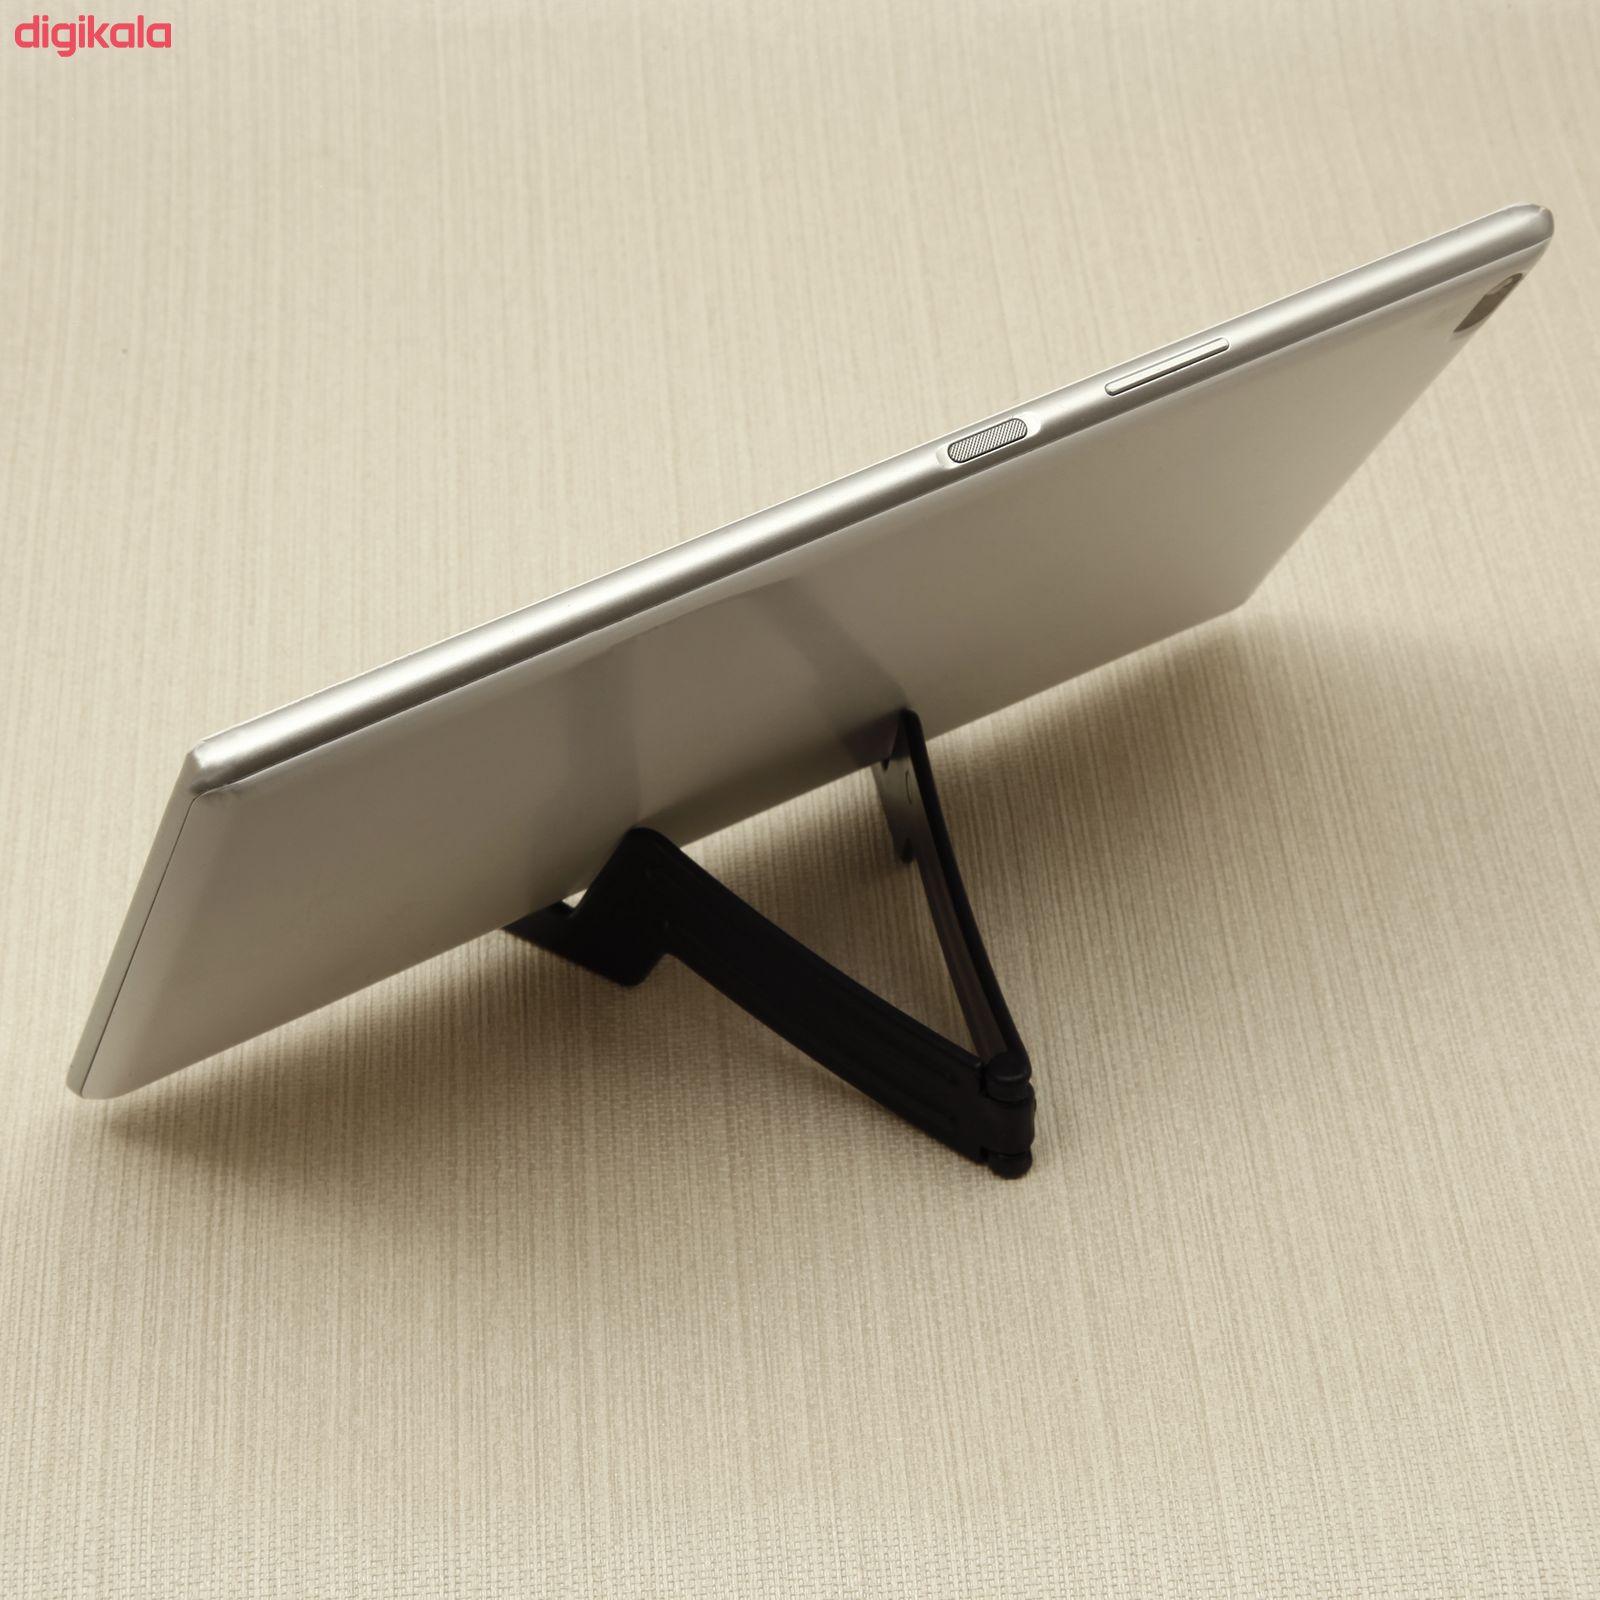 پایه نگهدارنده گوشی موبایل سومگ مدل SMG-TL main 1 12